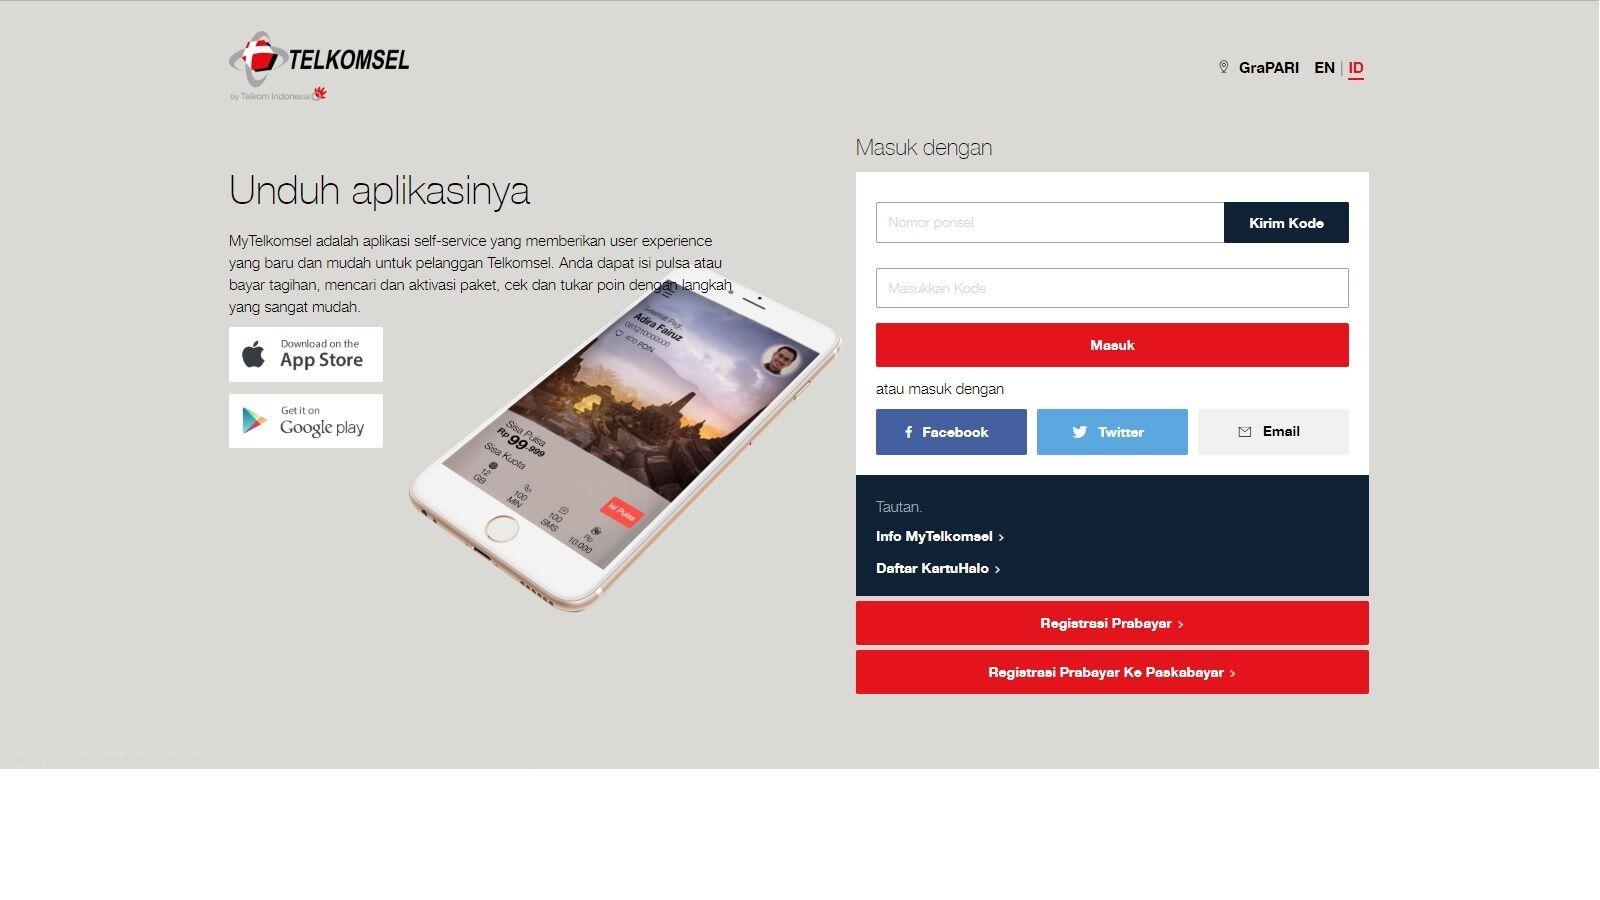 cara-mengecek-kuota-telkomsel-website